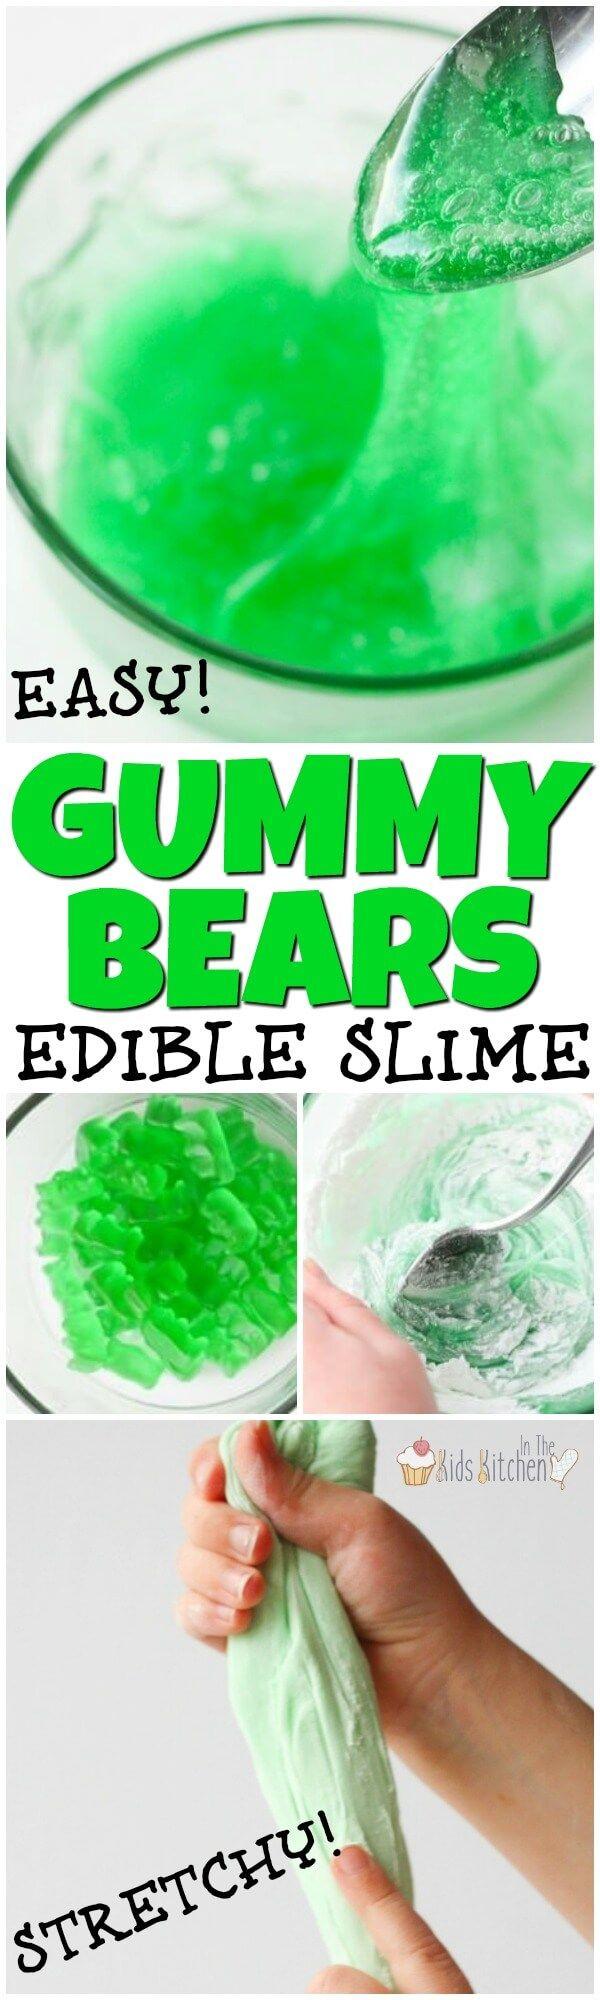 how to make edible slime easy